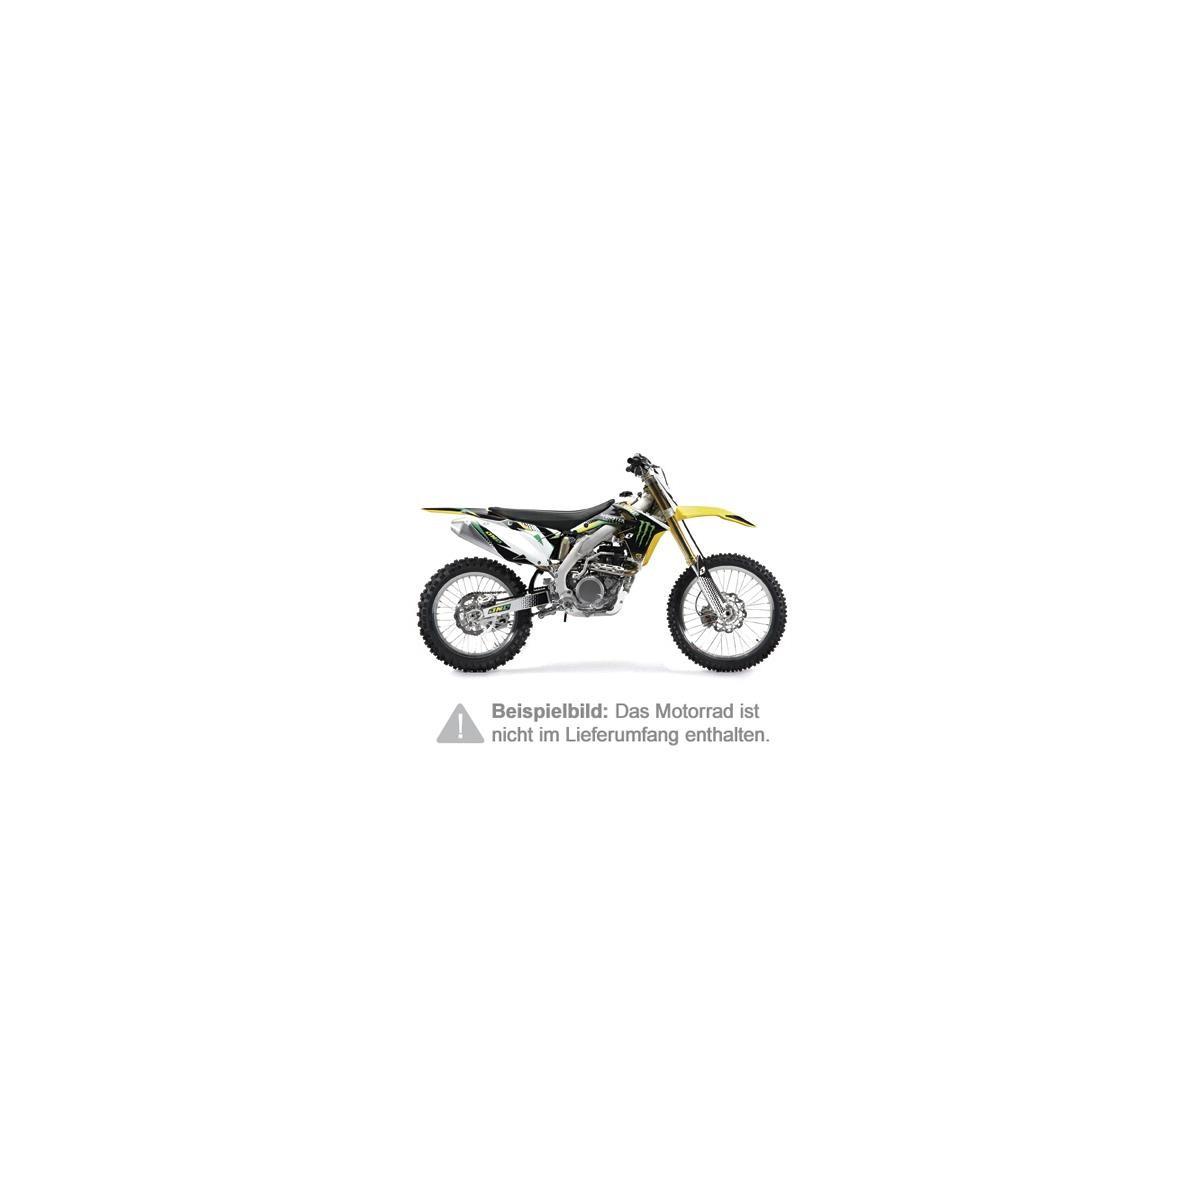 One Industries Graphic Kit Team Monster Suzuki RMZ 250 10 12